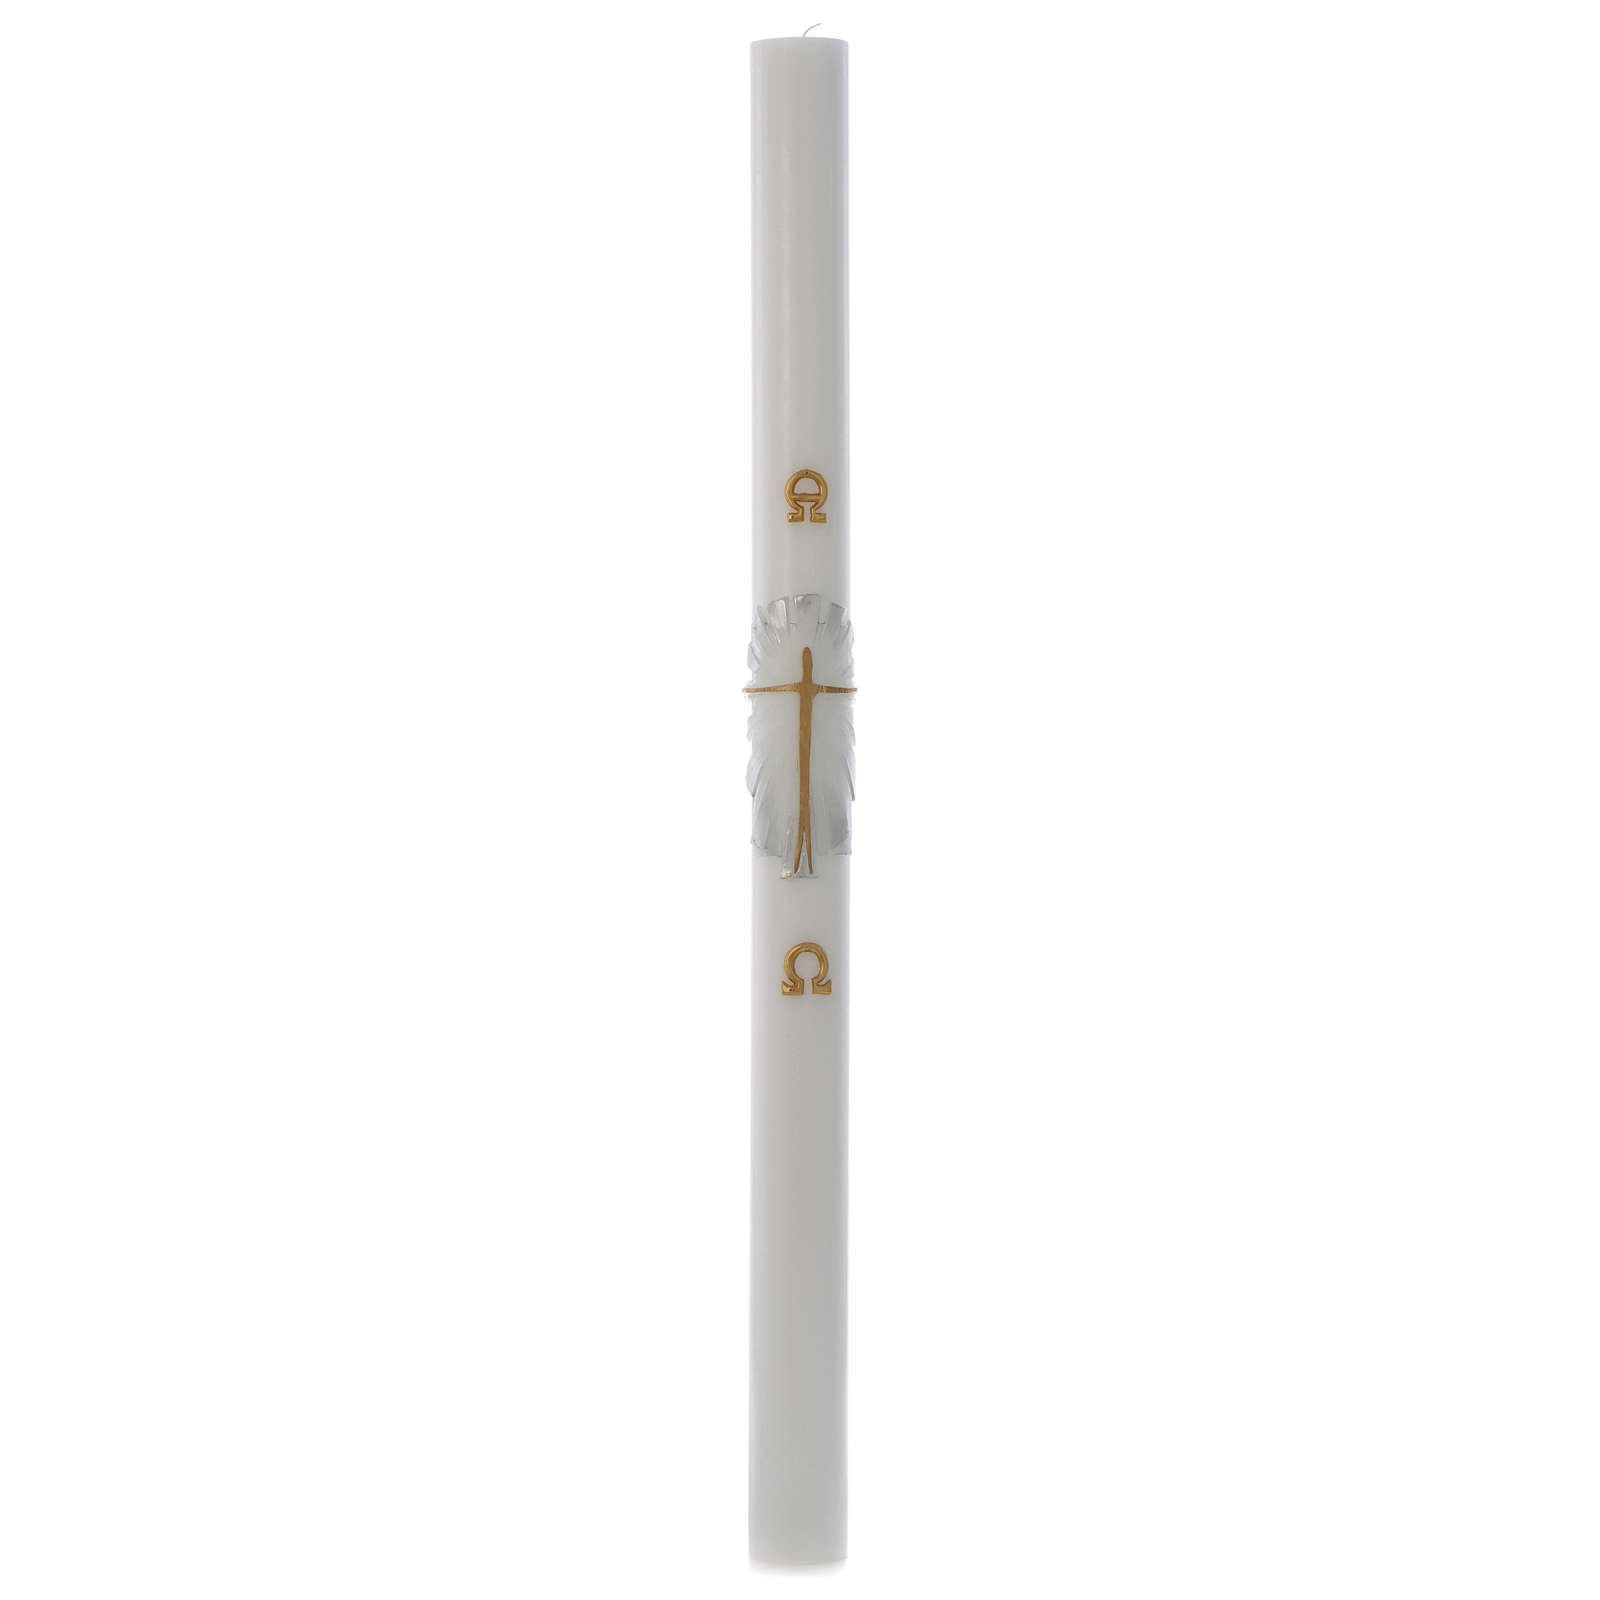 Cero pasquale cera bianca Risorto fondo bianco argento 8x120 cm 3